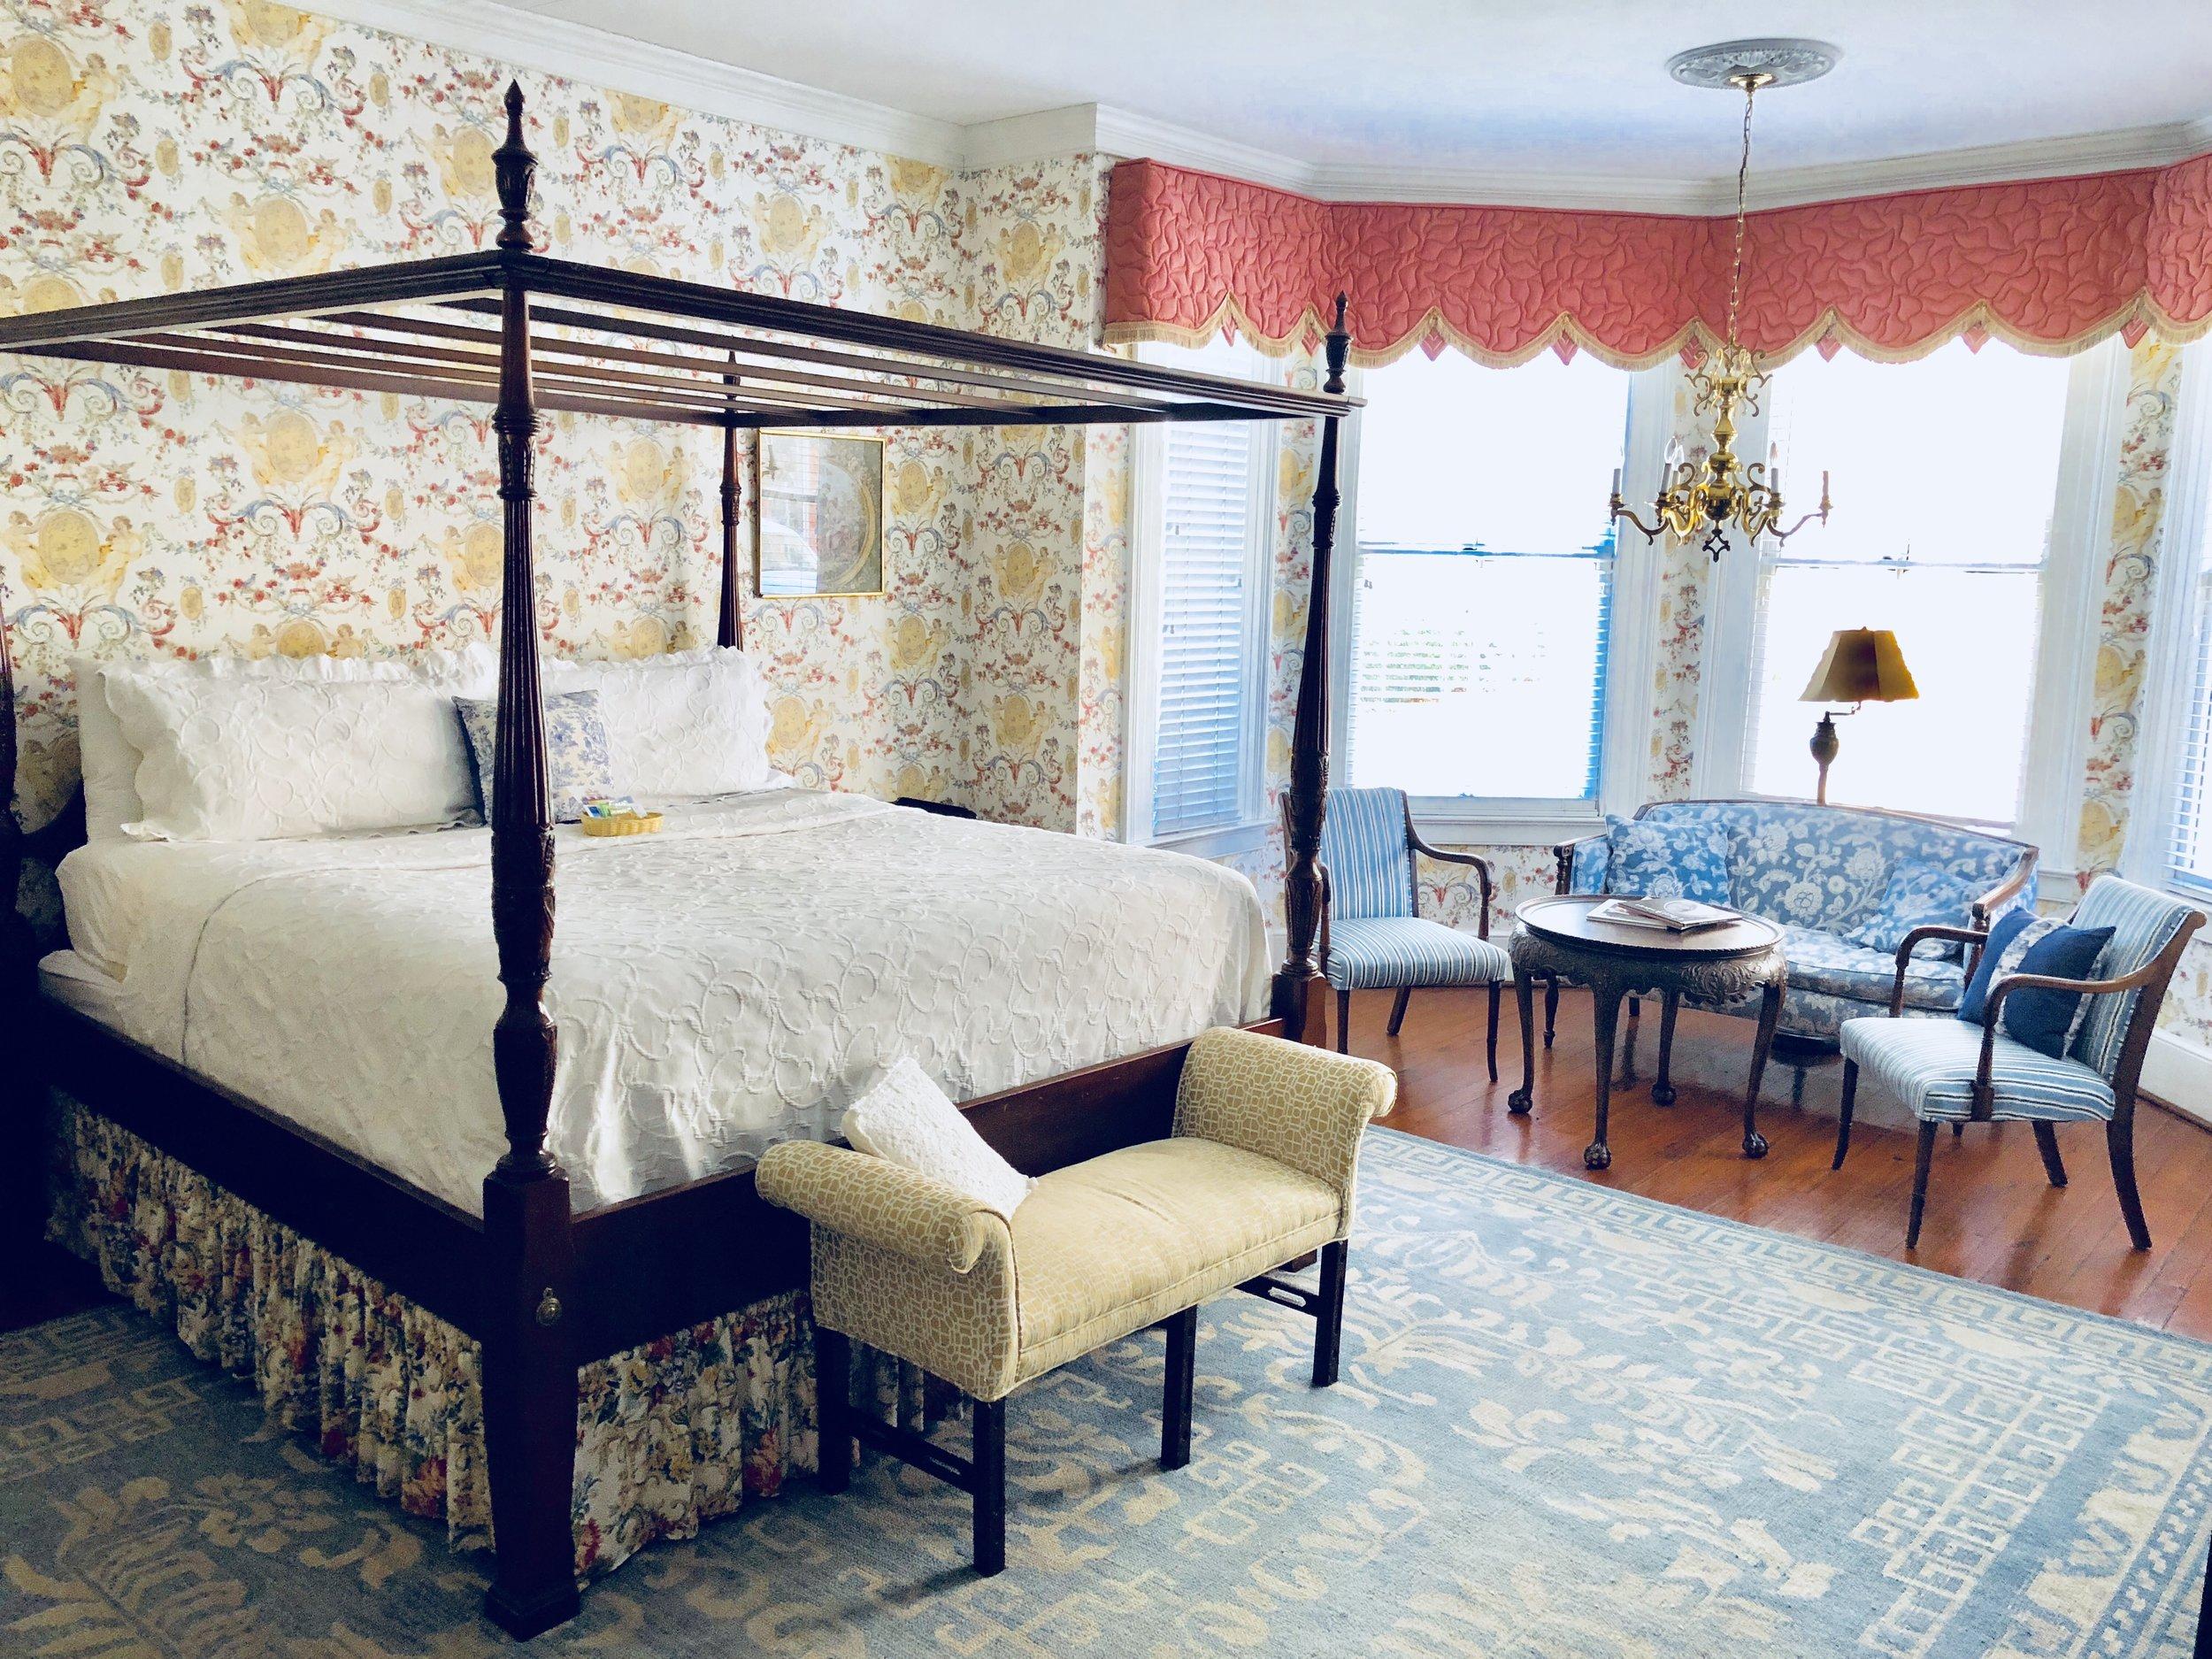 Barksdale+House+Inn+2.jpg